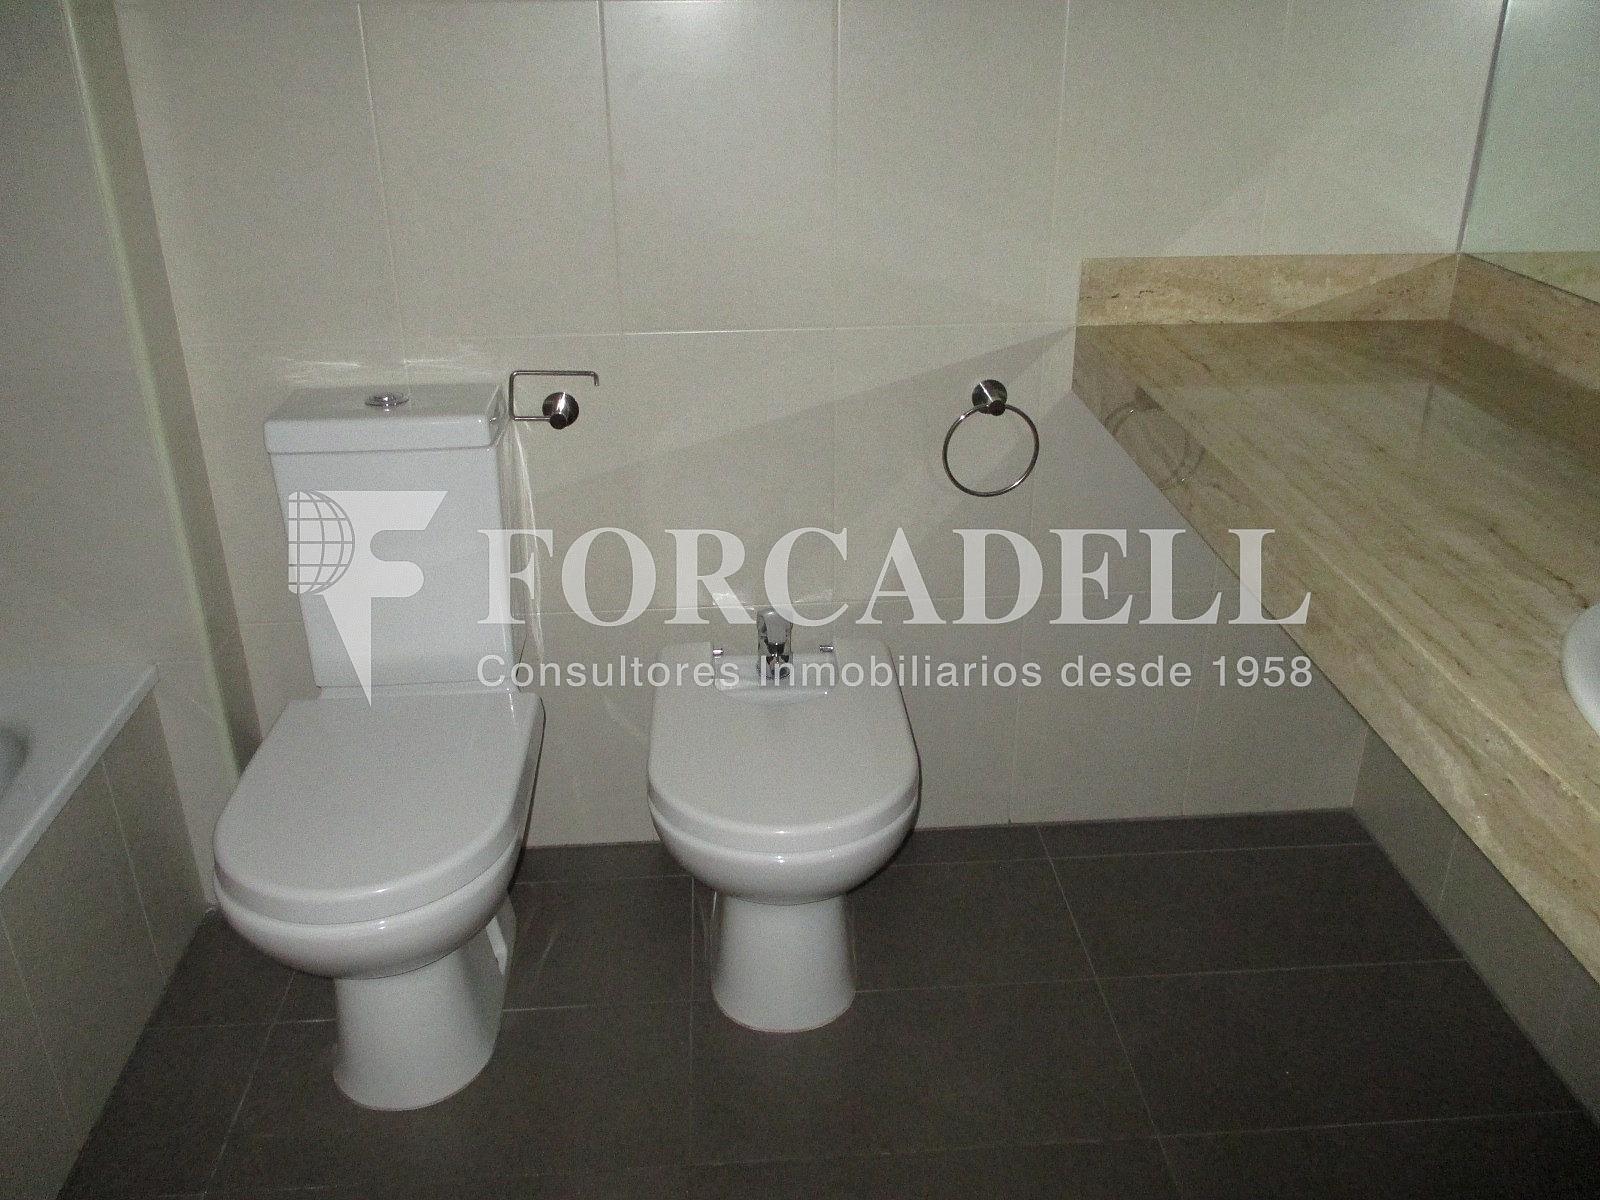 IMG_2682 - Piso en alquiler en calle Merce Rodoreda, Can clota en Esplugues de Llobregat - 331432086